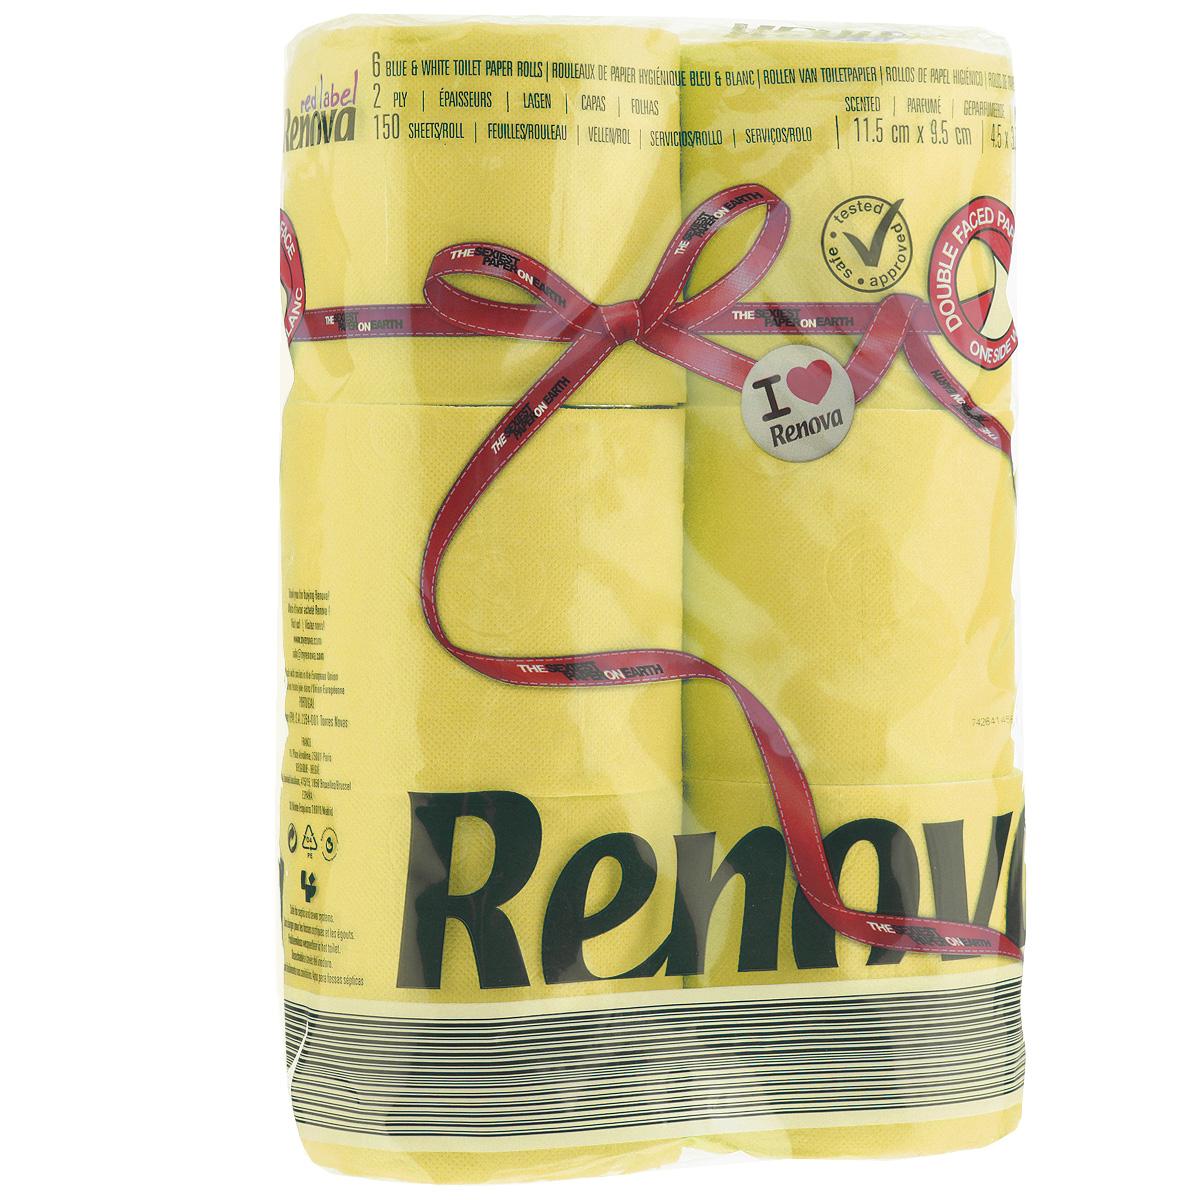 Туалетная бумага Renova, двухслойная, ароматизированная, цвет: желтый, 6 рулонов200066927Туалетная бумага Renova изготовлена по новейшей технологии из 100% ароматизированной целлюлозы, благодаря чему она имеет тонкий аромат, очень мягкая, нежная, но в тоже время прочная. Эксклюзивная двухсторонняя туалетная бумага Renova  экстрамодного цвета, придаст вашему туалету оригинальность.Состав: 100% ароматизированная целлюлоза. Количество листов: 150 шт.Количество слоев: 2.Размер листа: 11,5 см х 9,5 см.Количество рулонов: 6 шт.Португальская компания Renova является ведущим разработчиком новейших технологий производства, нового стиля и направления на рынке гигиенической продукции. Современный дизайн и высочайшее качество, дерматологический контроль - это то, что выделяет компанию Renova среди других производителей бумажной санитарно-гигиенической продукции.